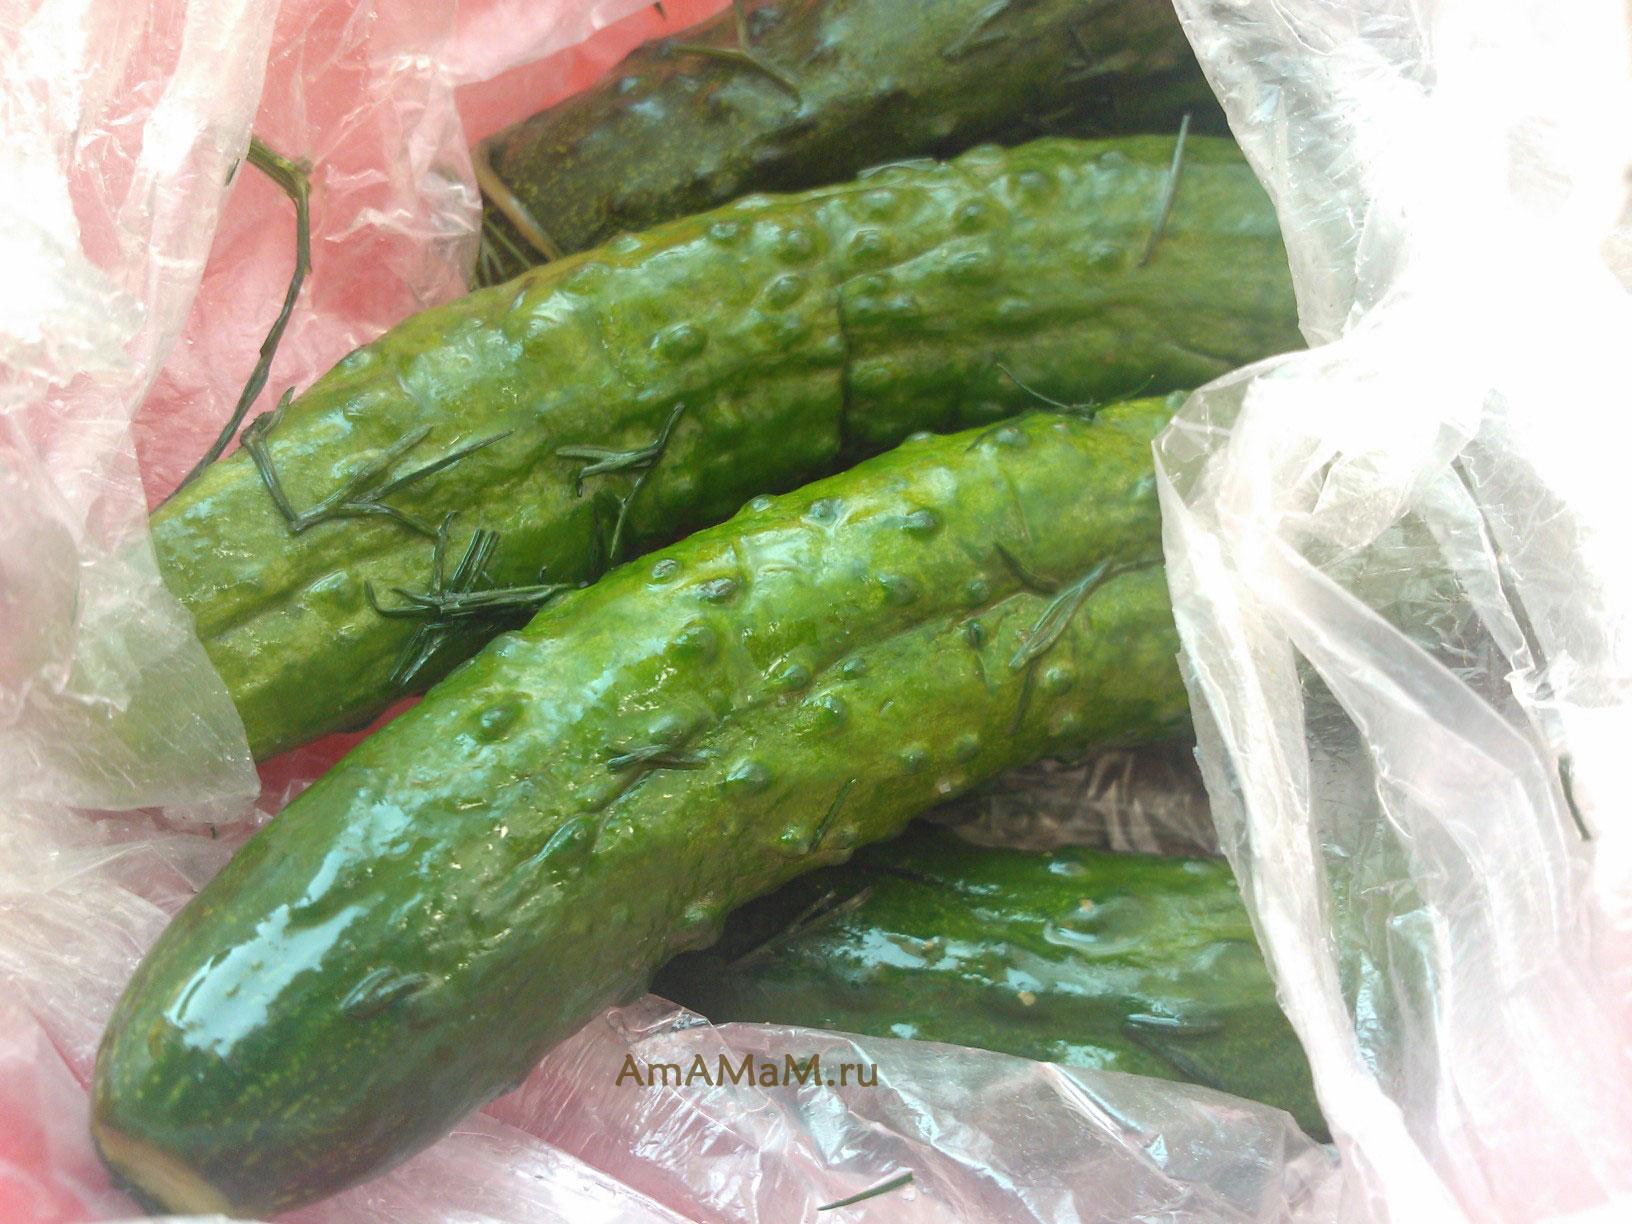 огурцы маринованные в пакете рецепт с фото